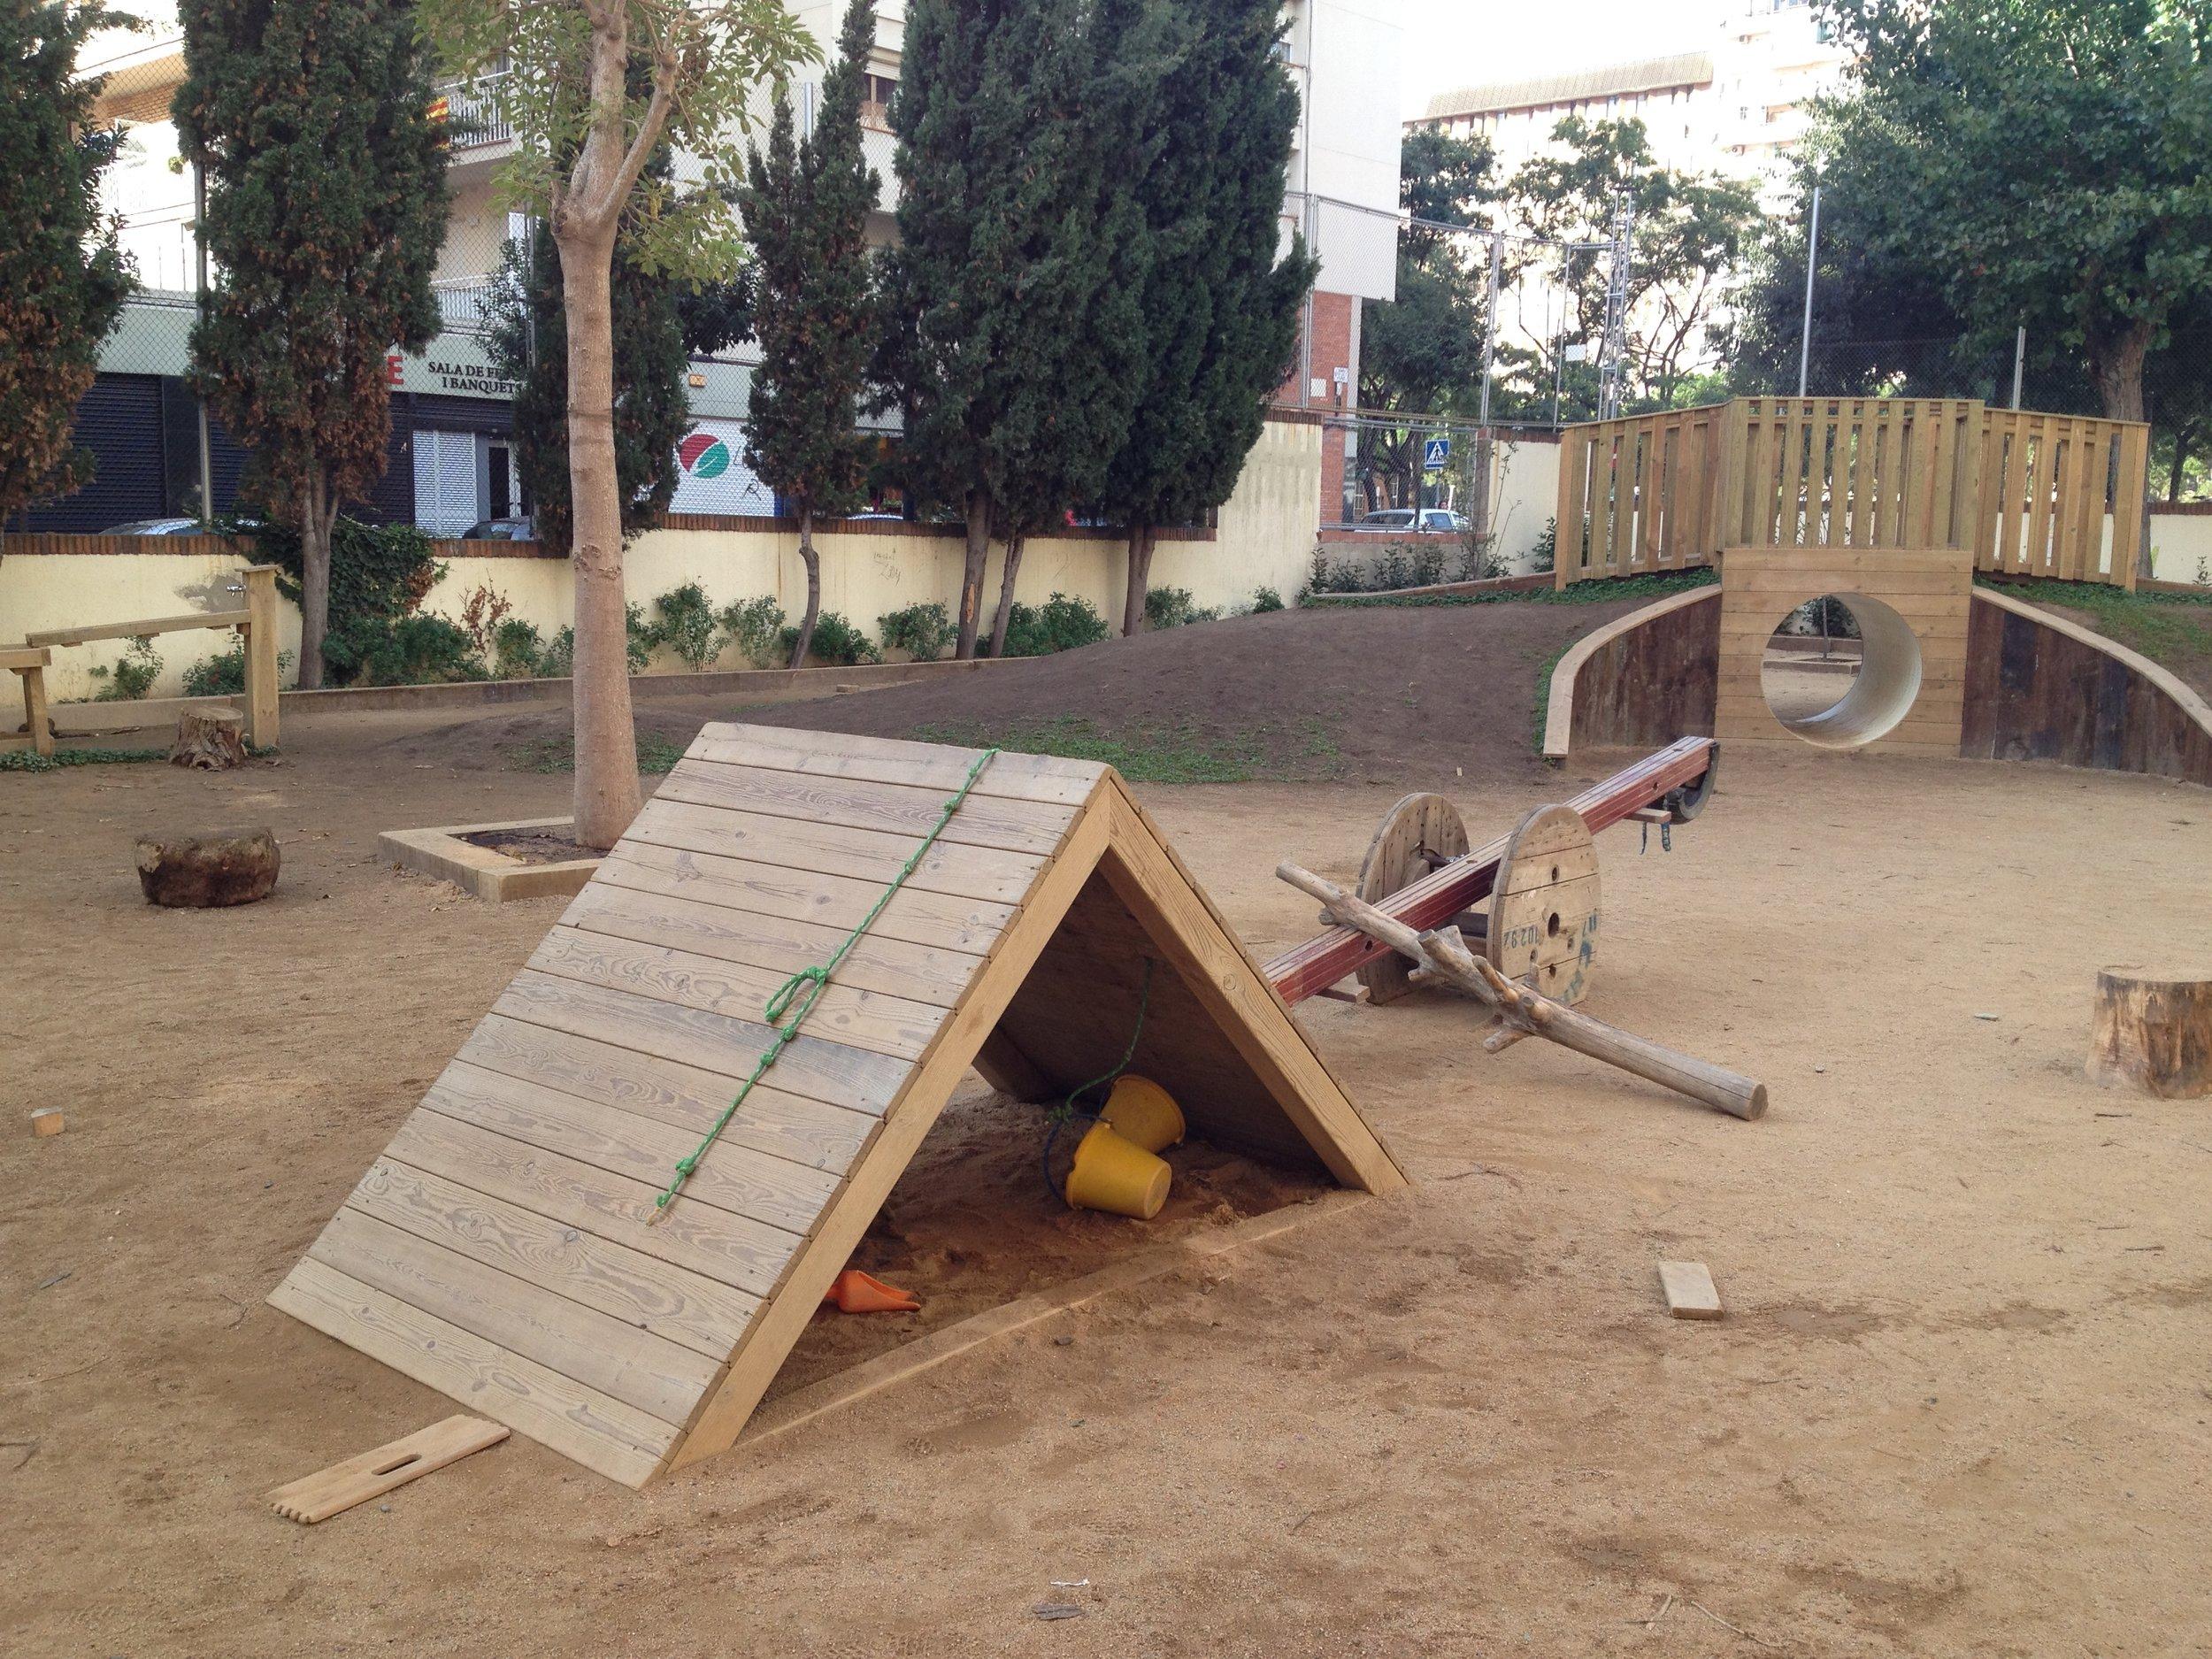 El patio de la escuela está compuesto por espacios que facilitan la exploración, la autonomía y el juego libre.